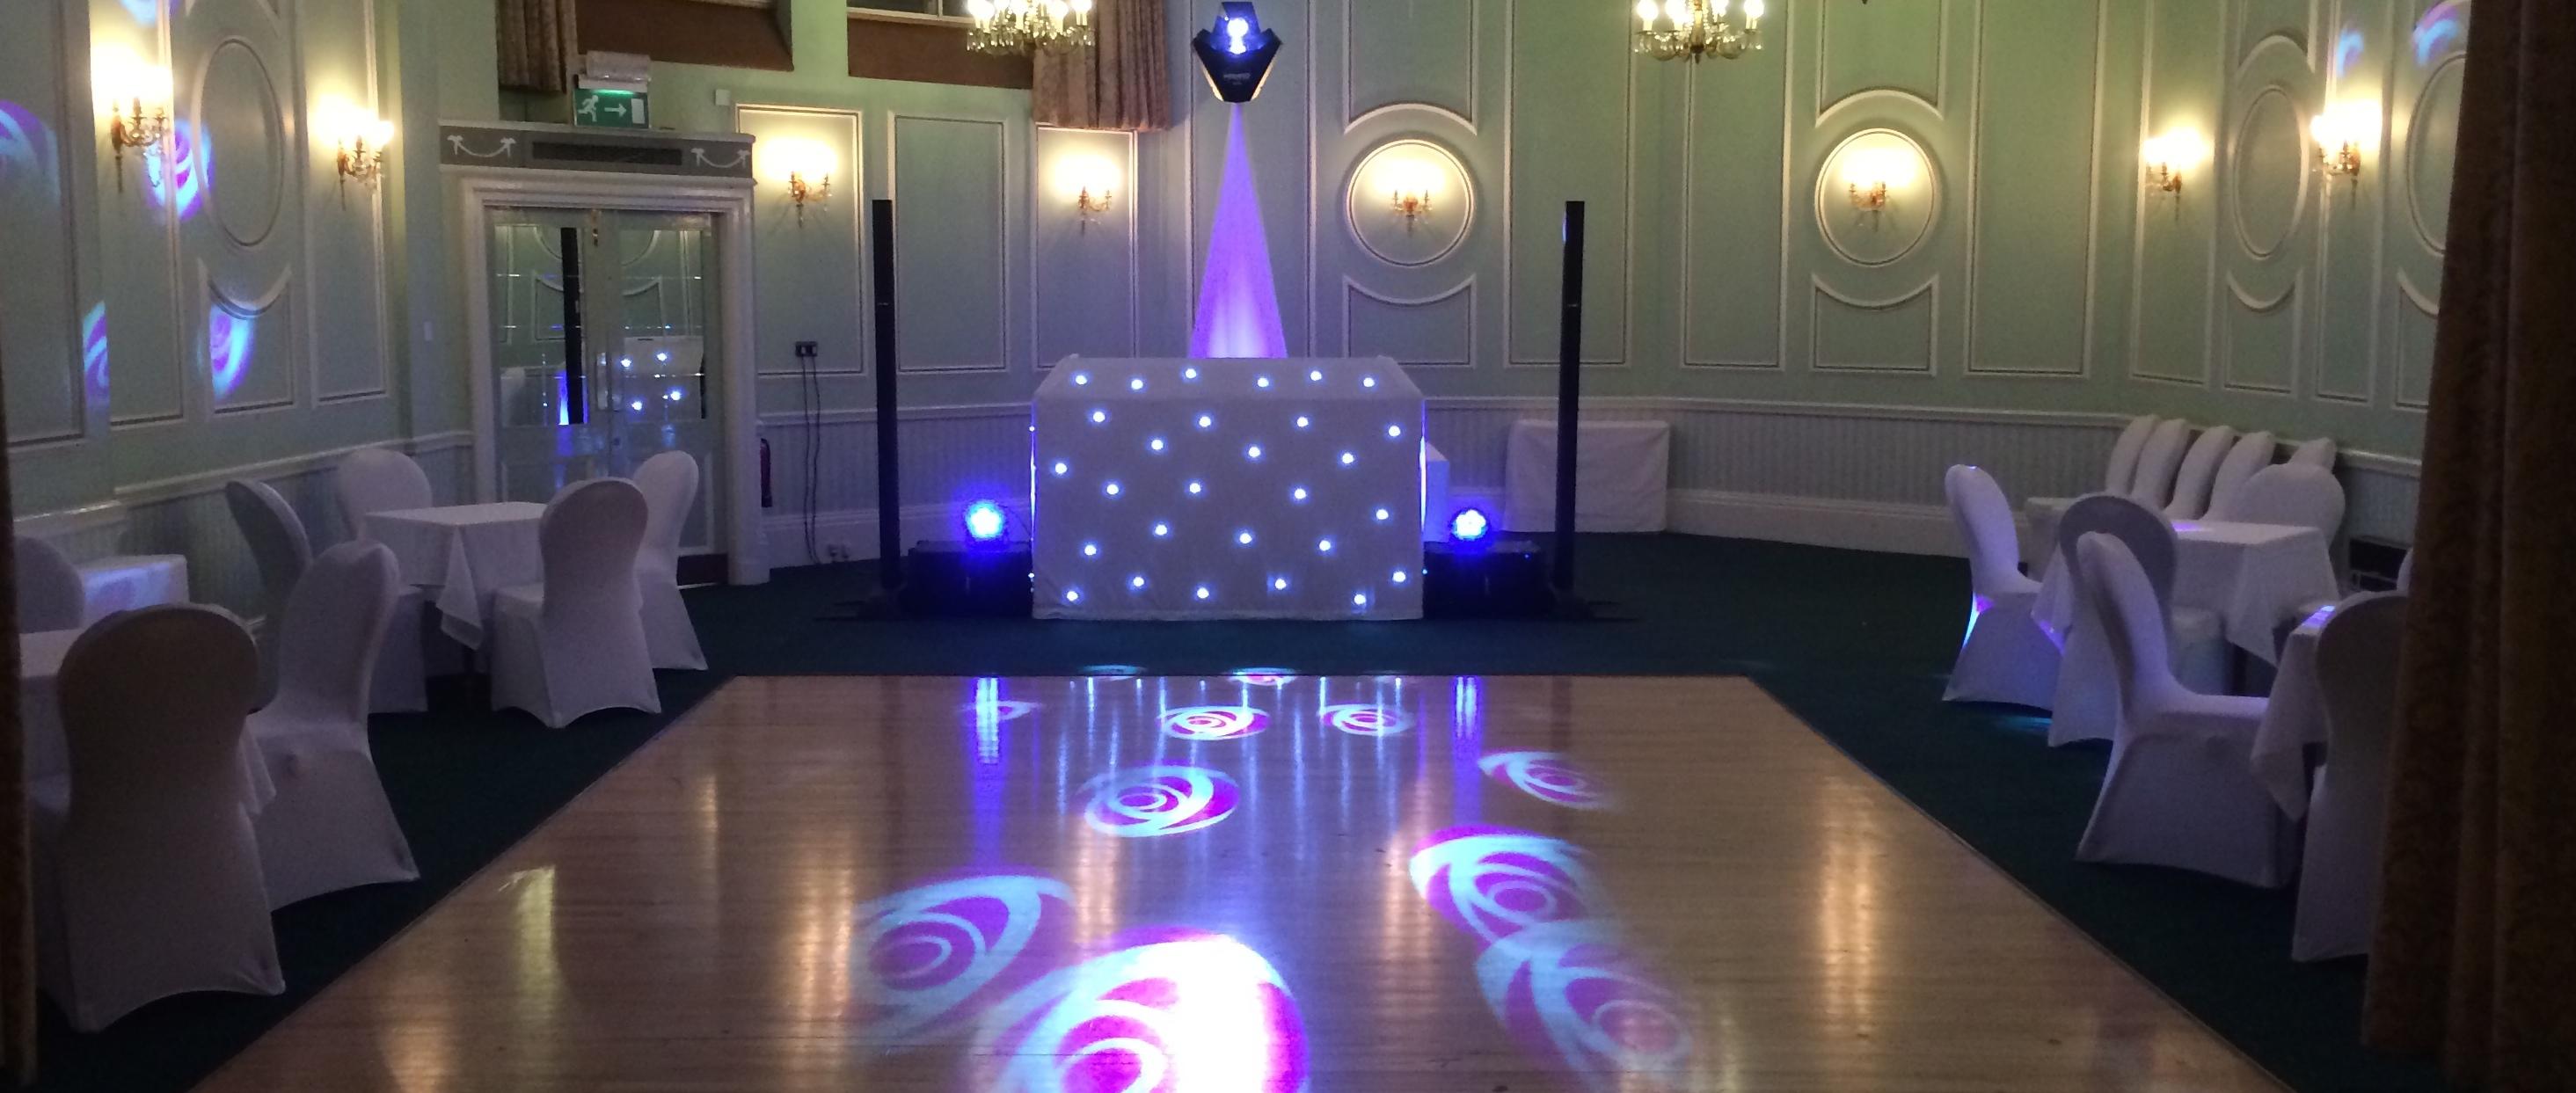 Wedding DJ Droitwich Spa